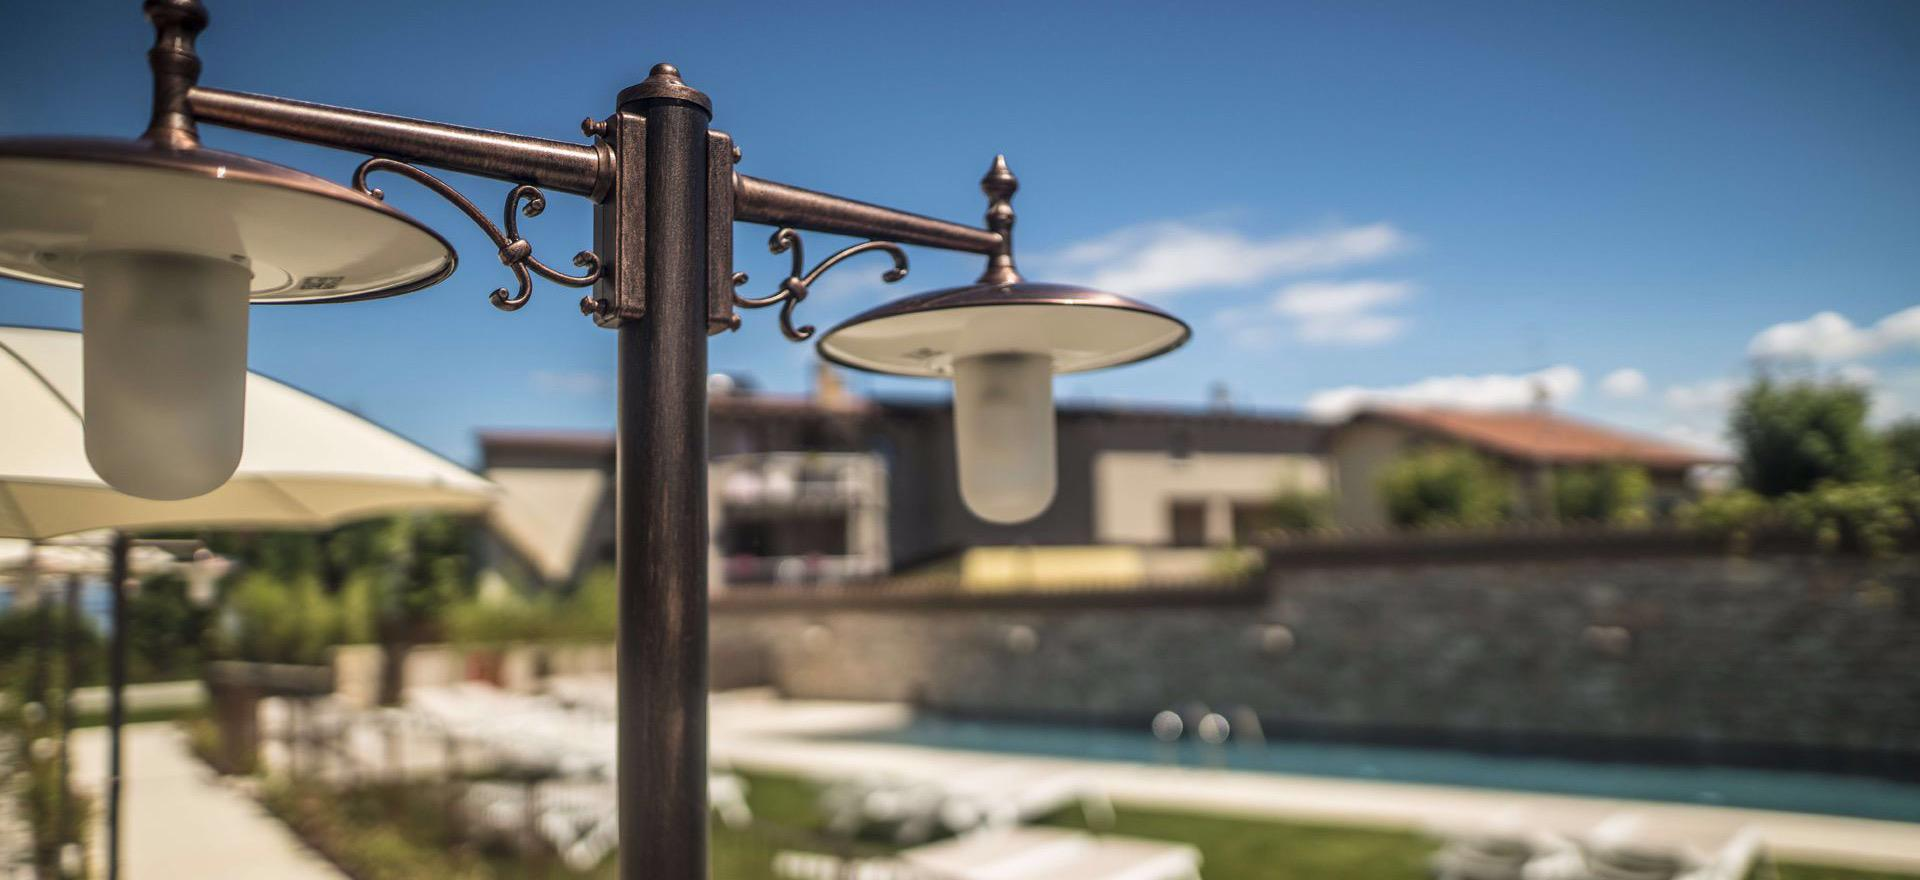 Agriturismo Lake Como and Lake Garda Luxury agriturismo within walking distance of Lake Garda